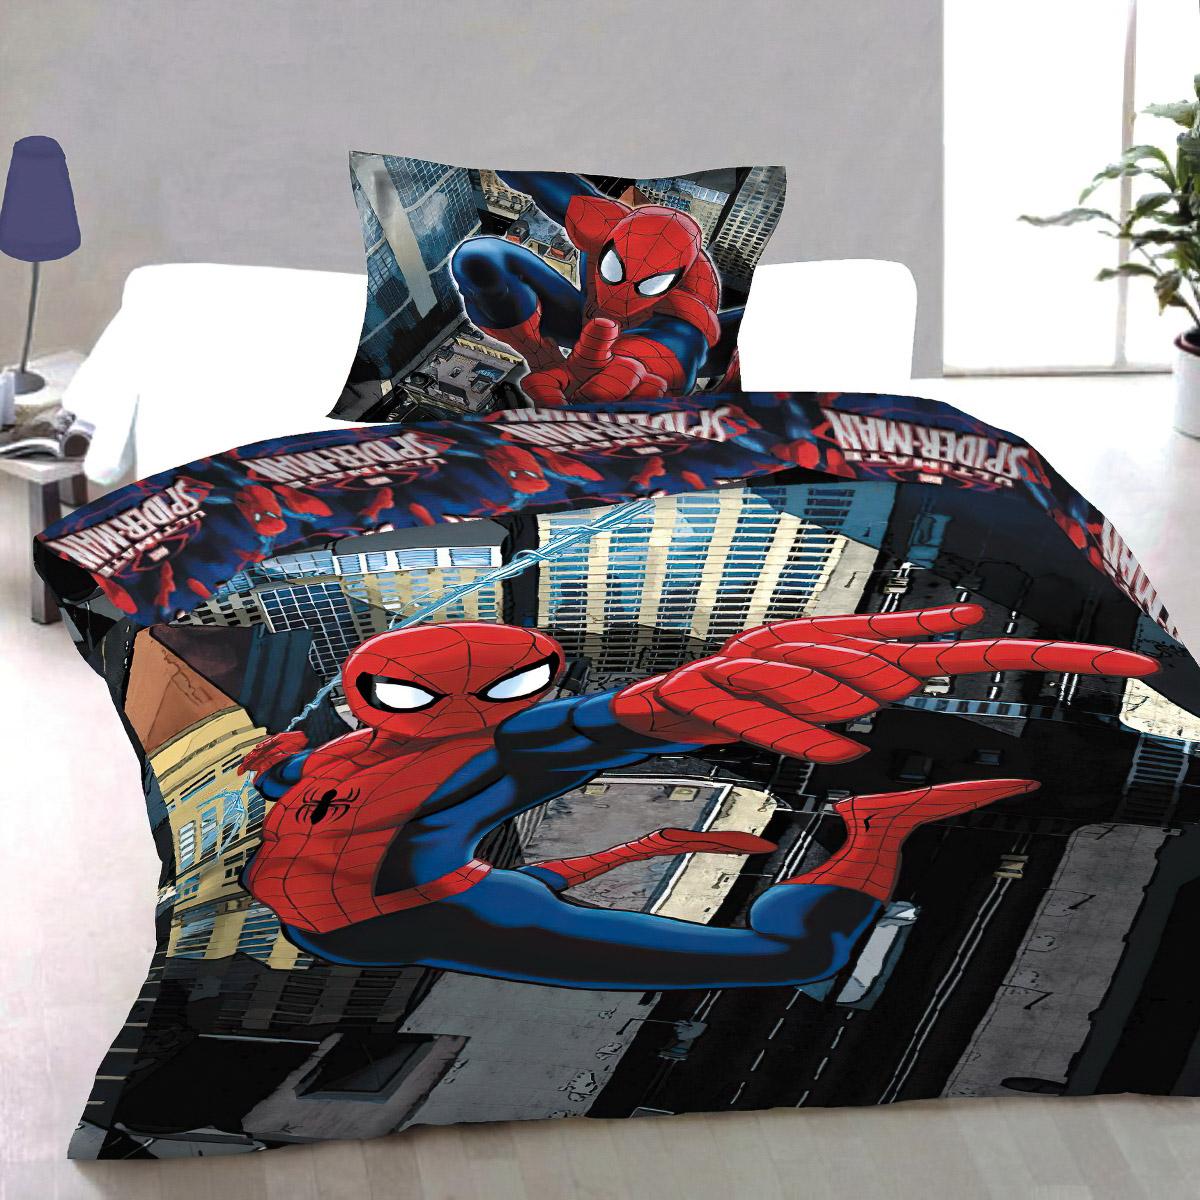 Dětské povlečení SPIDERMAN 2012 bavlna hladká, 140x200cm